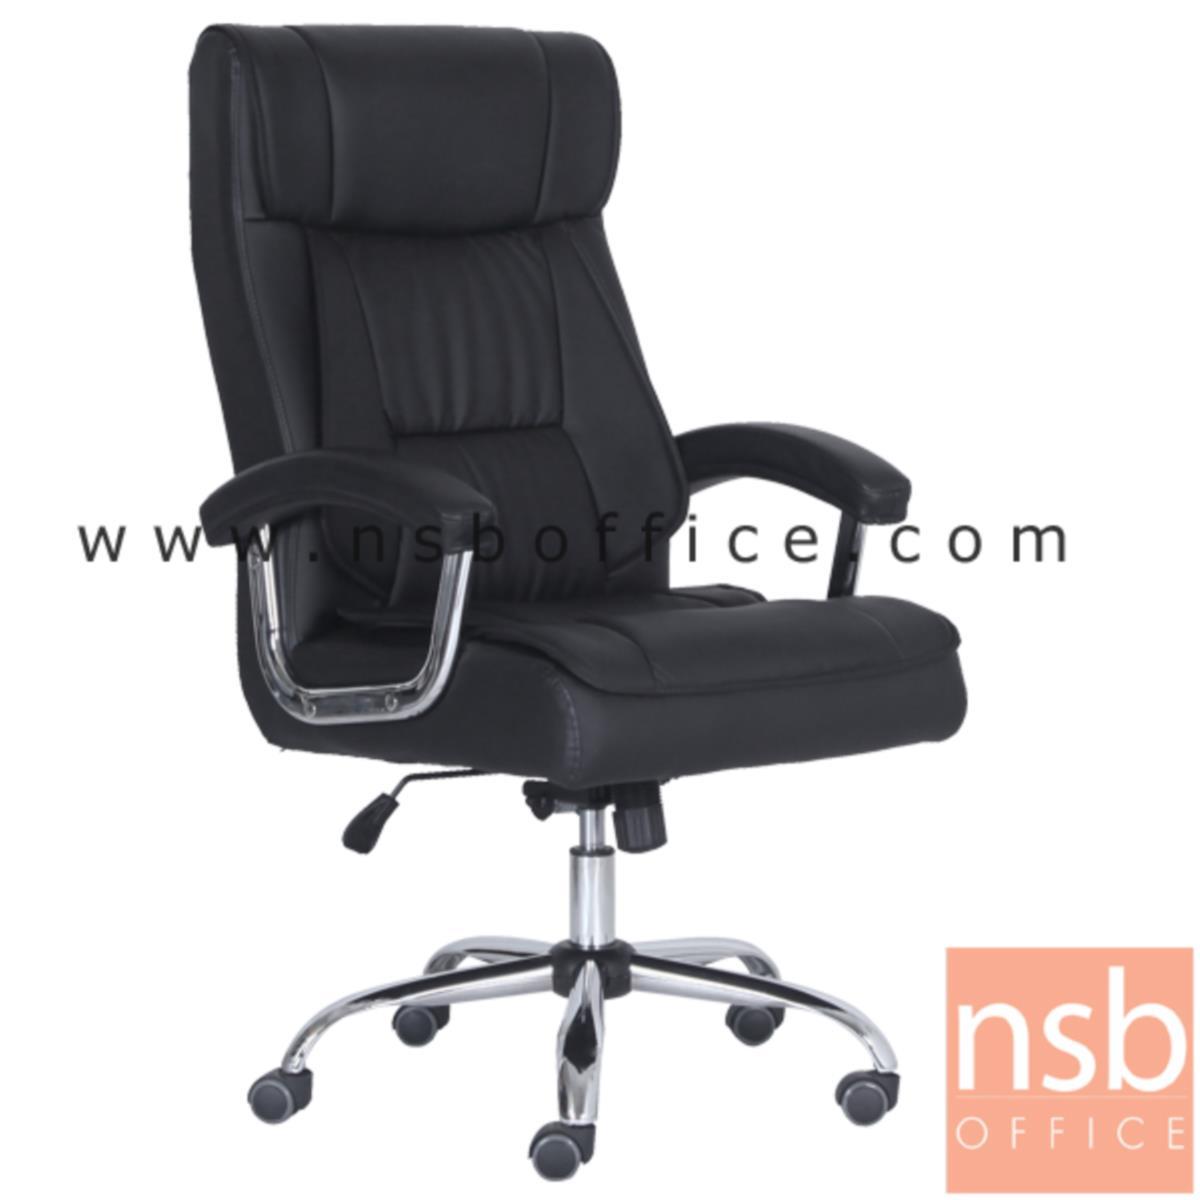 B01A434:เก้าอี้ผู้บริหาร รุ่น Hastur (ฮัสเทอร์)  โช๊คแก๊ส มีก้อนโยก ขาเหล็กชุบโครเมี่ยม